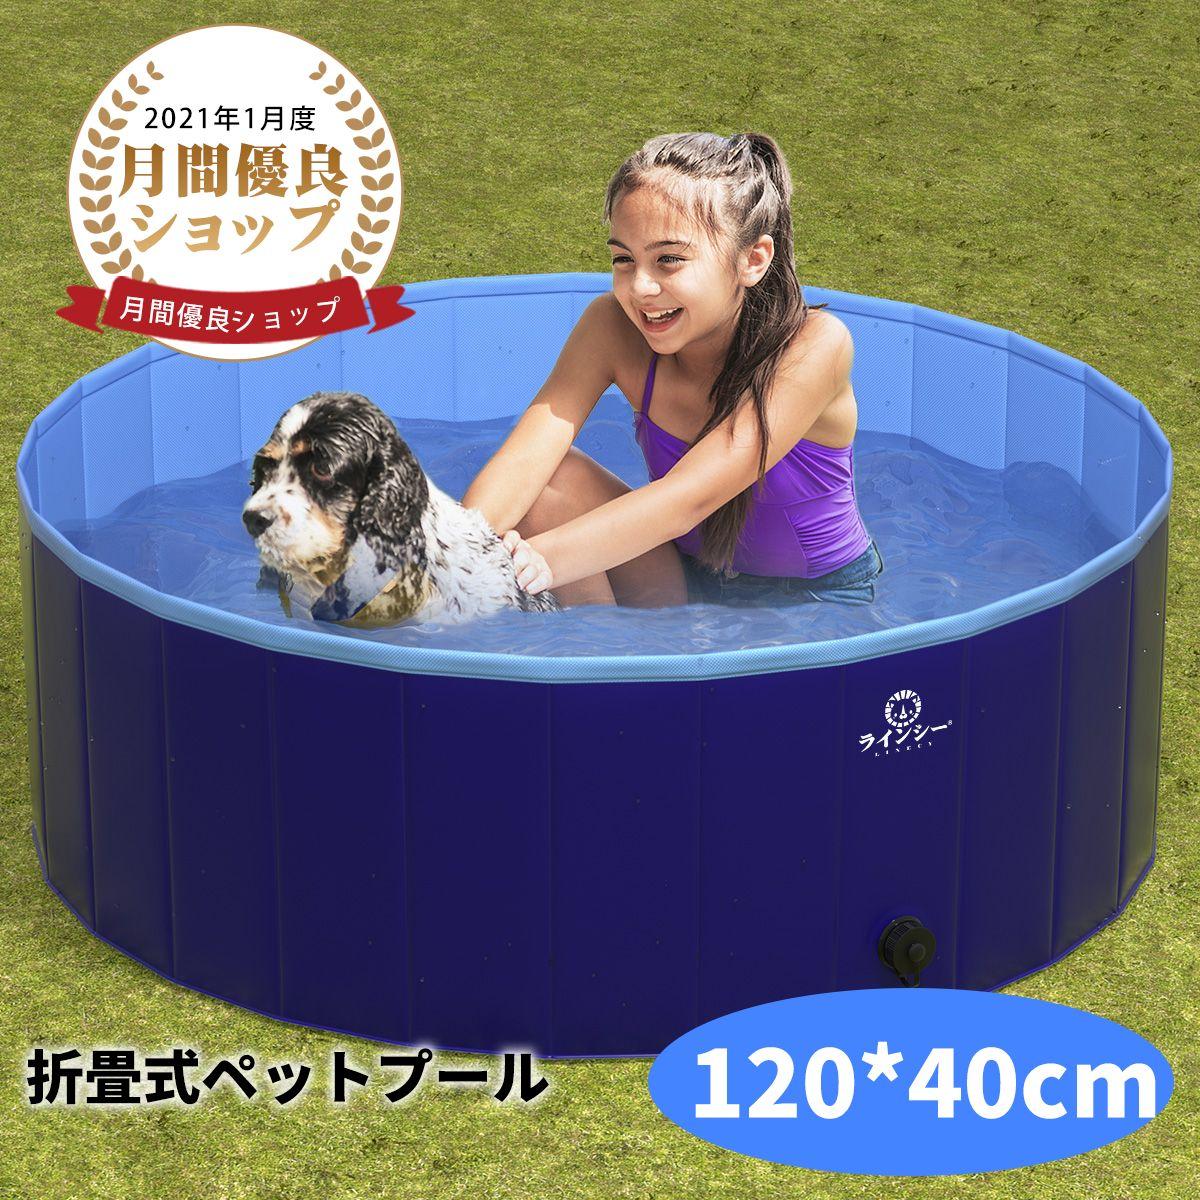 当店は最高な サービスを提供します ペットプール 120 40 限定品 犬用プール プール ペット用 犬 あす楽対応